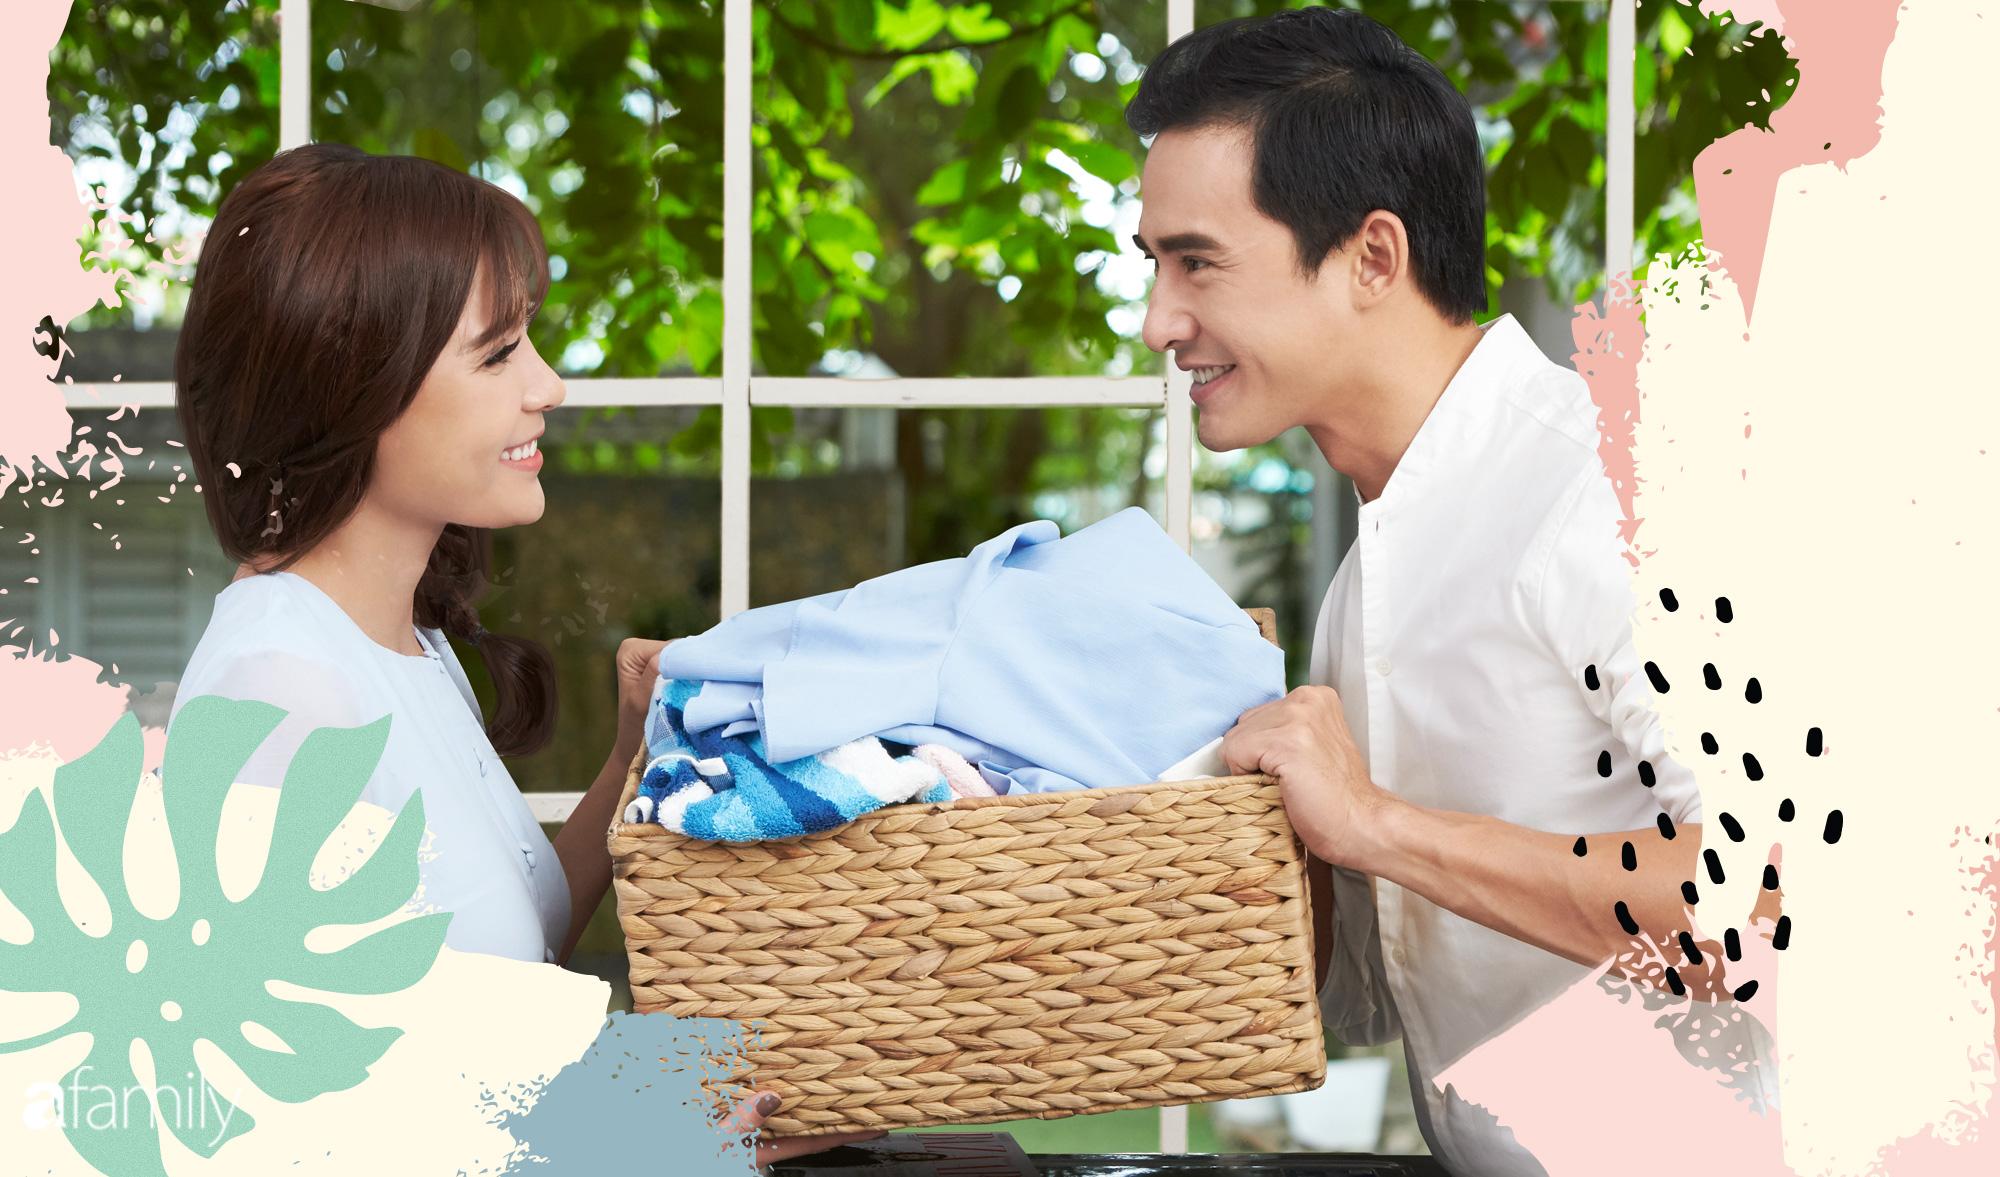 Thúy Diễm: May mắn nhất cuộc đời là được chồng yêu thương và phụ giúp việc nhà - Ảnh 5.